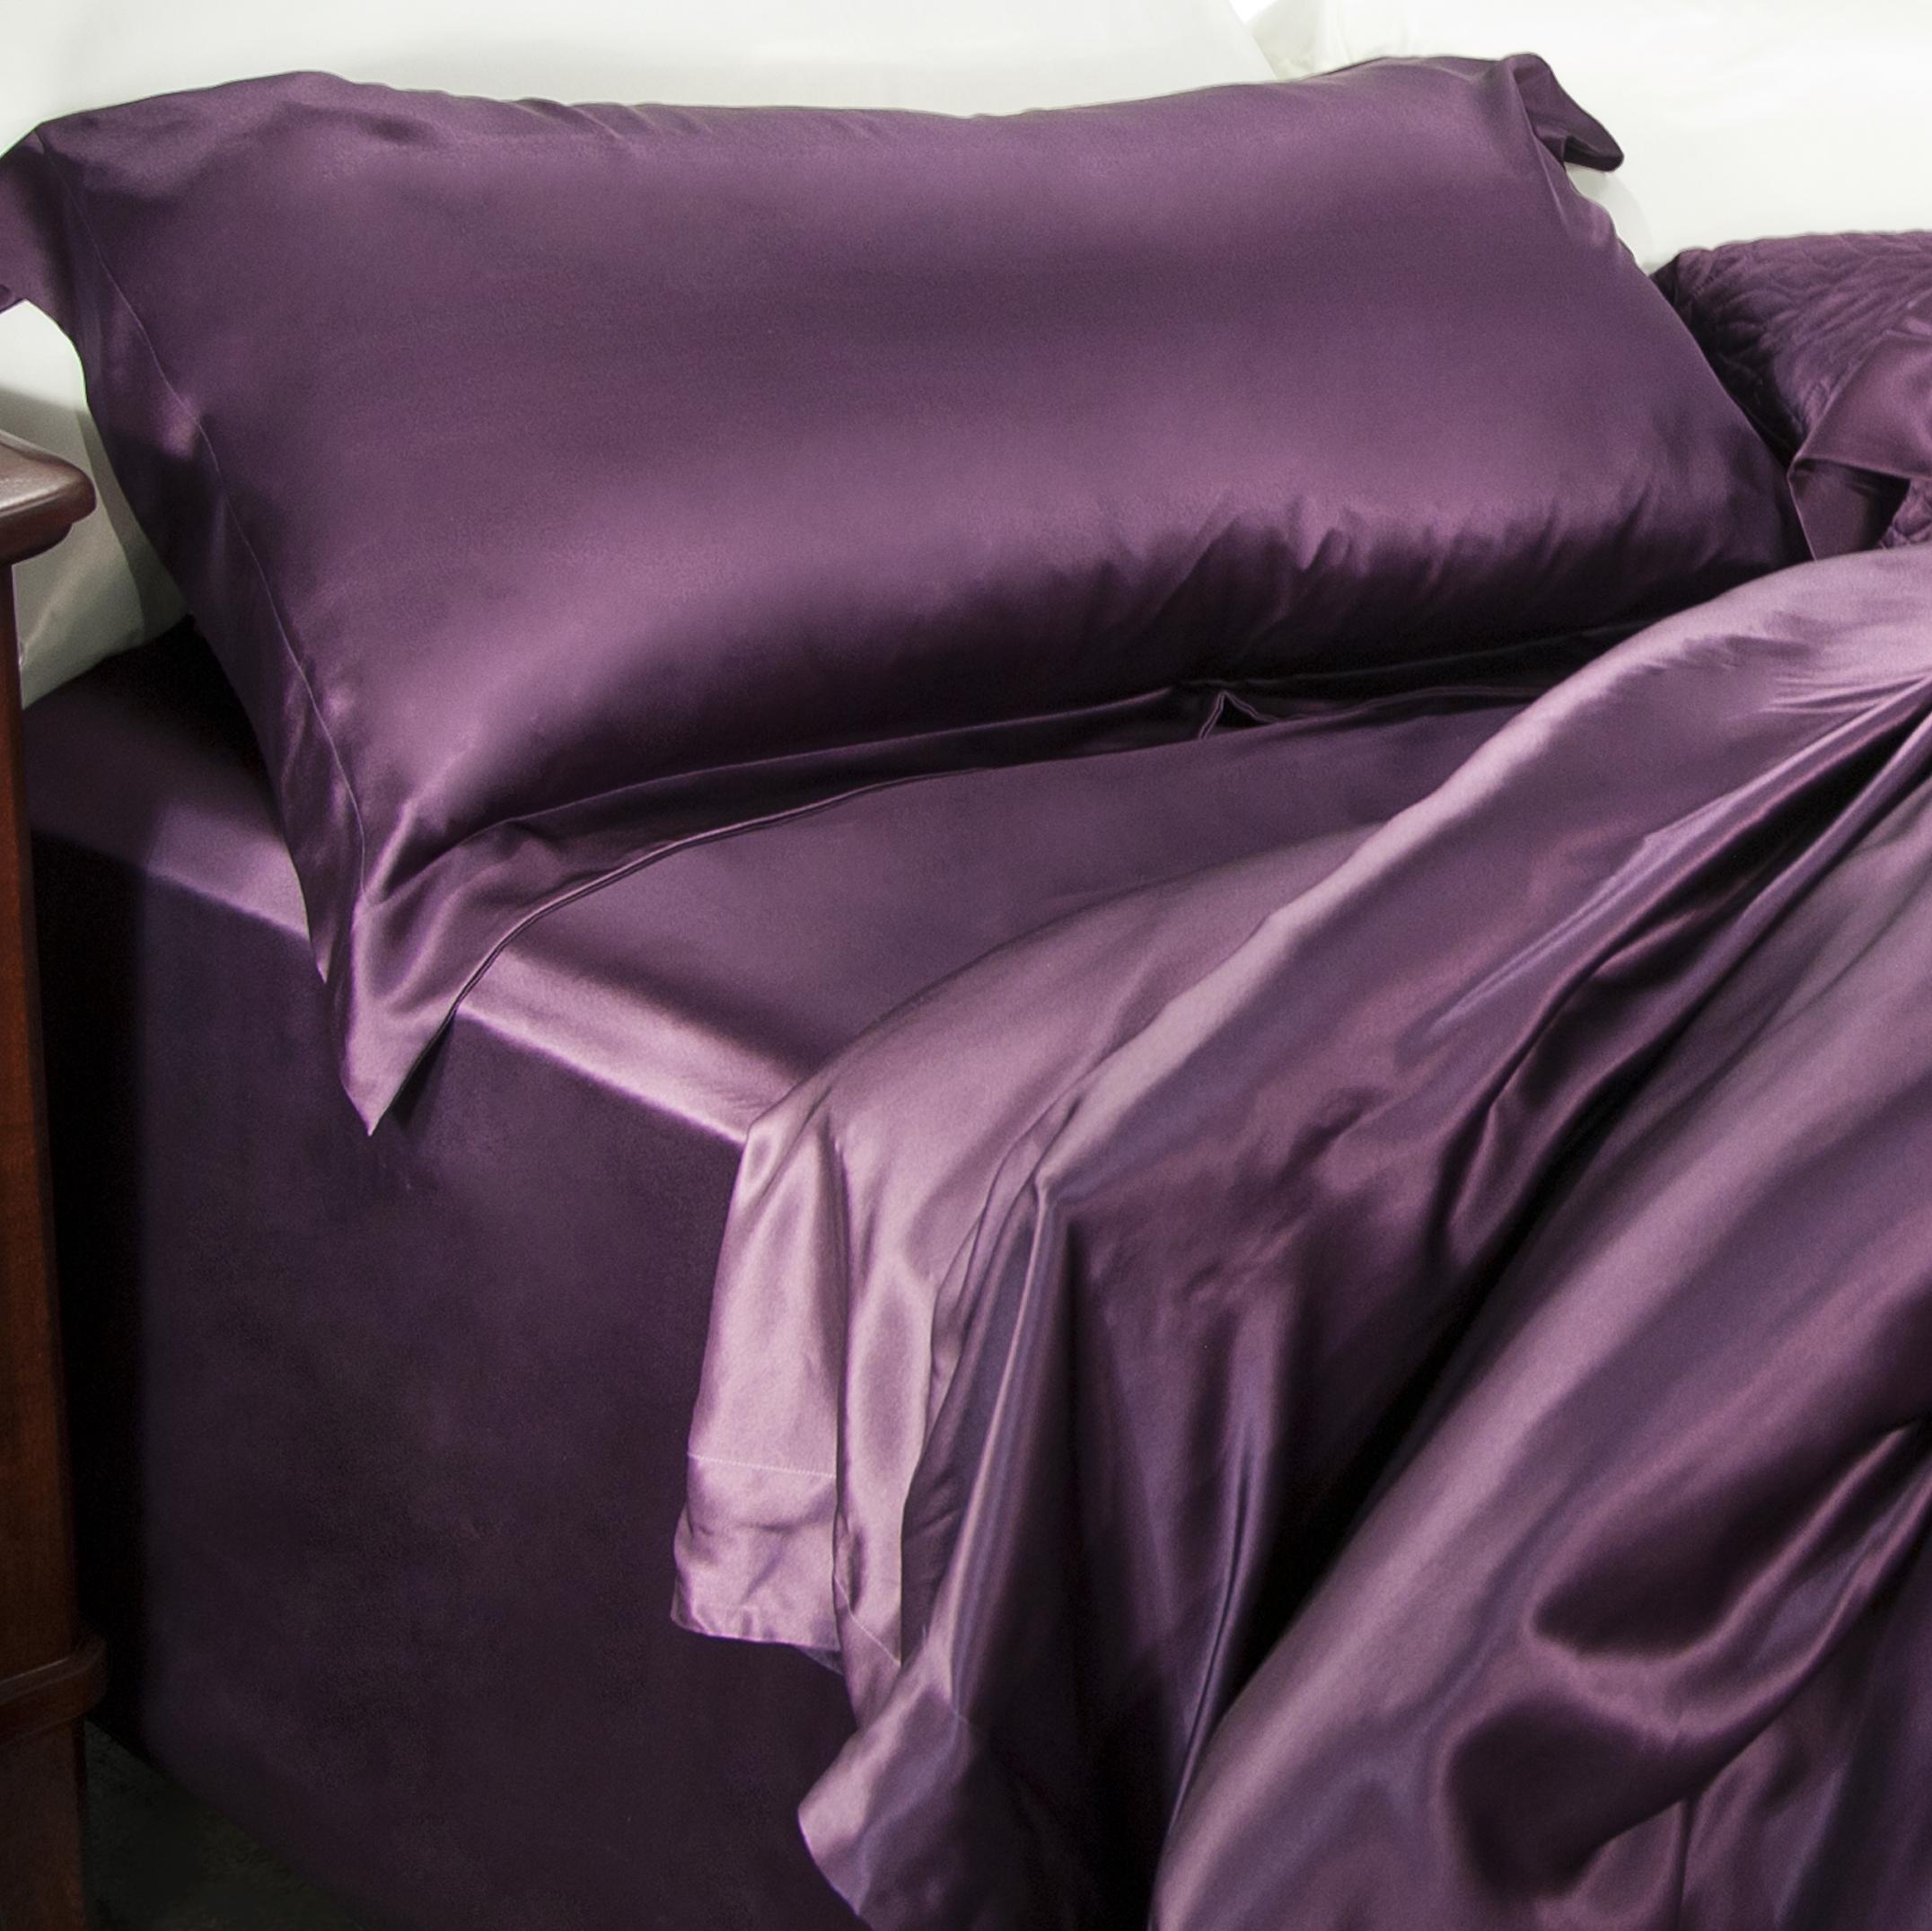 Aus Vio 100% Silk Flat Sheet, Queen, Iris at Sears.com